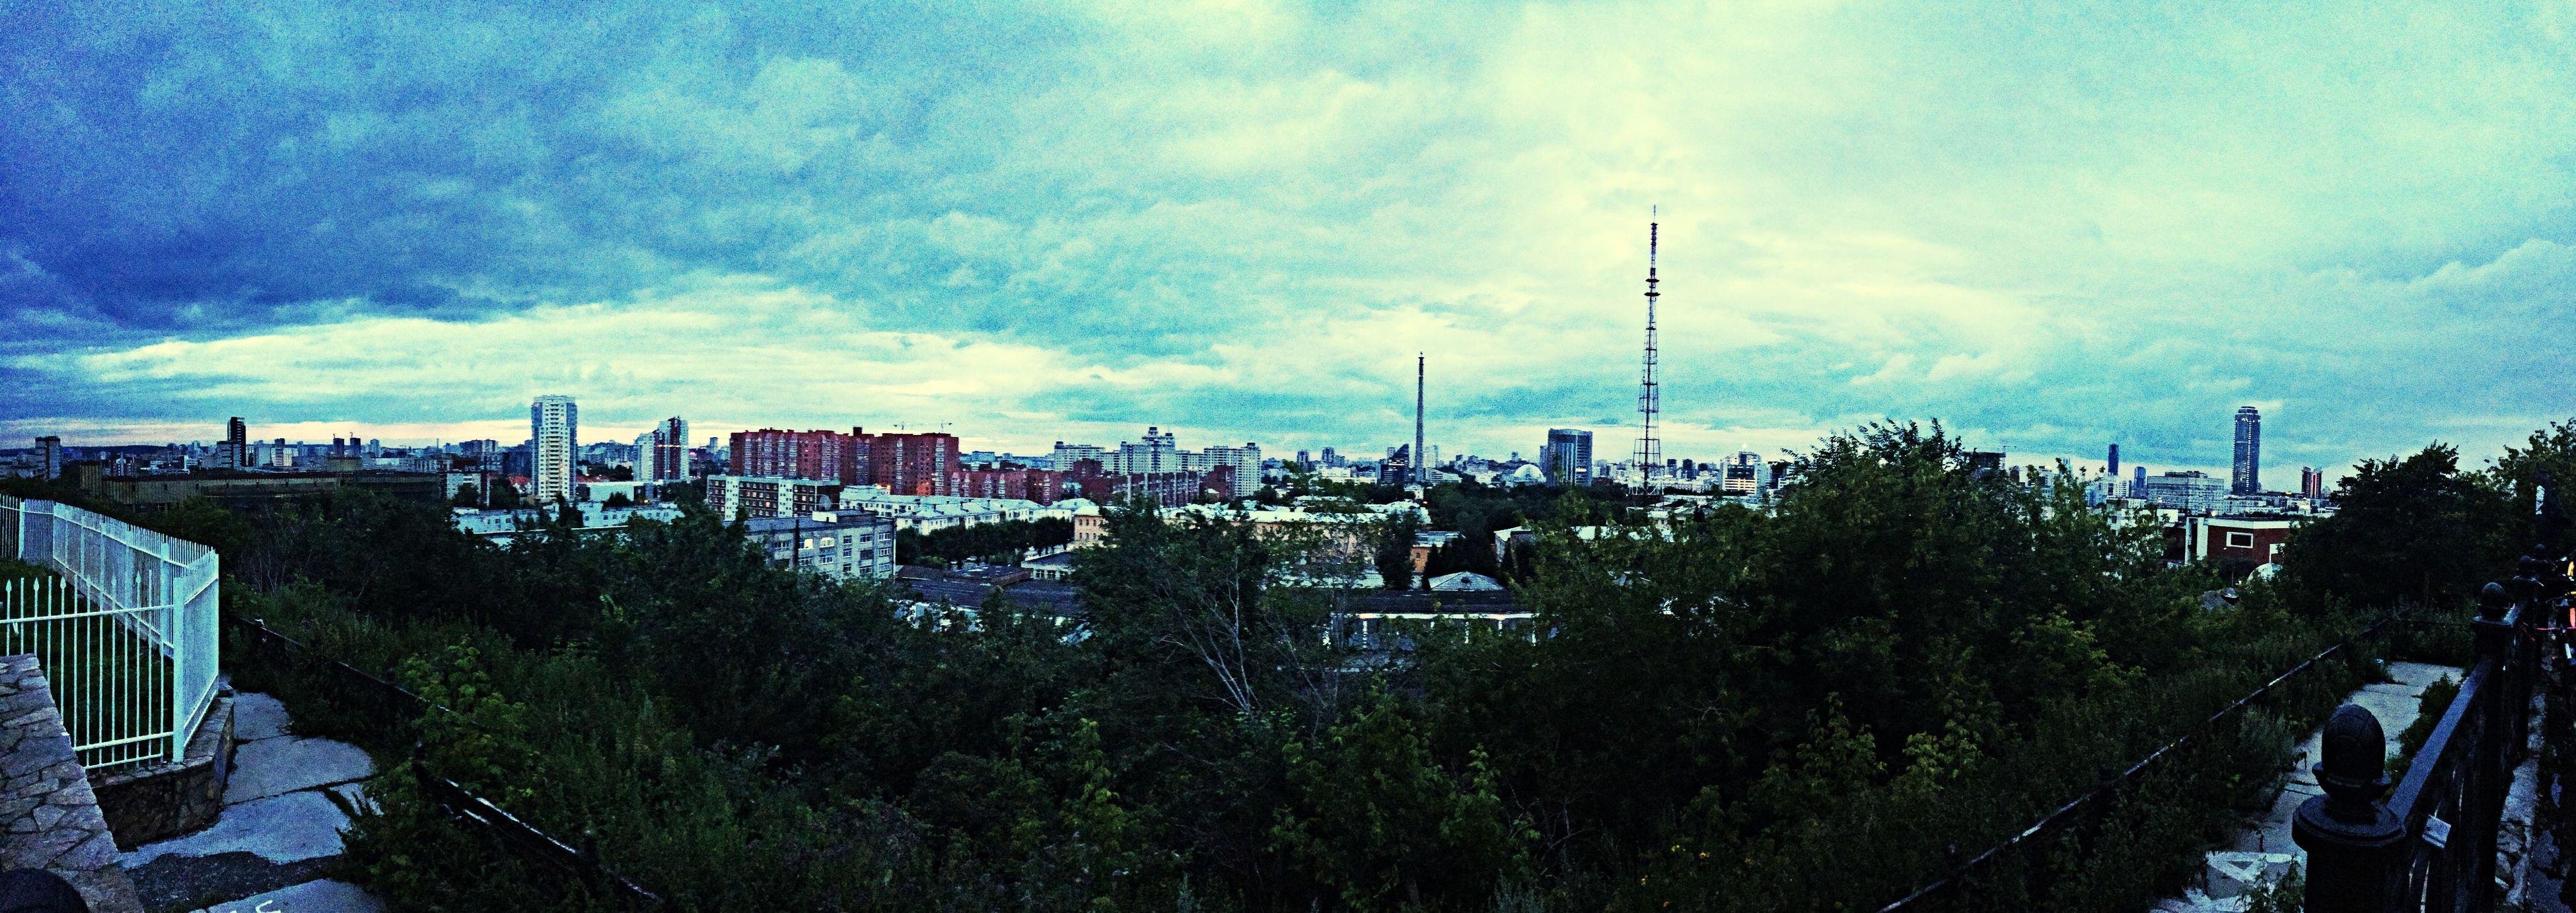 Meteo gorka Yekaterinburg Meteo Gorka